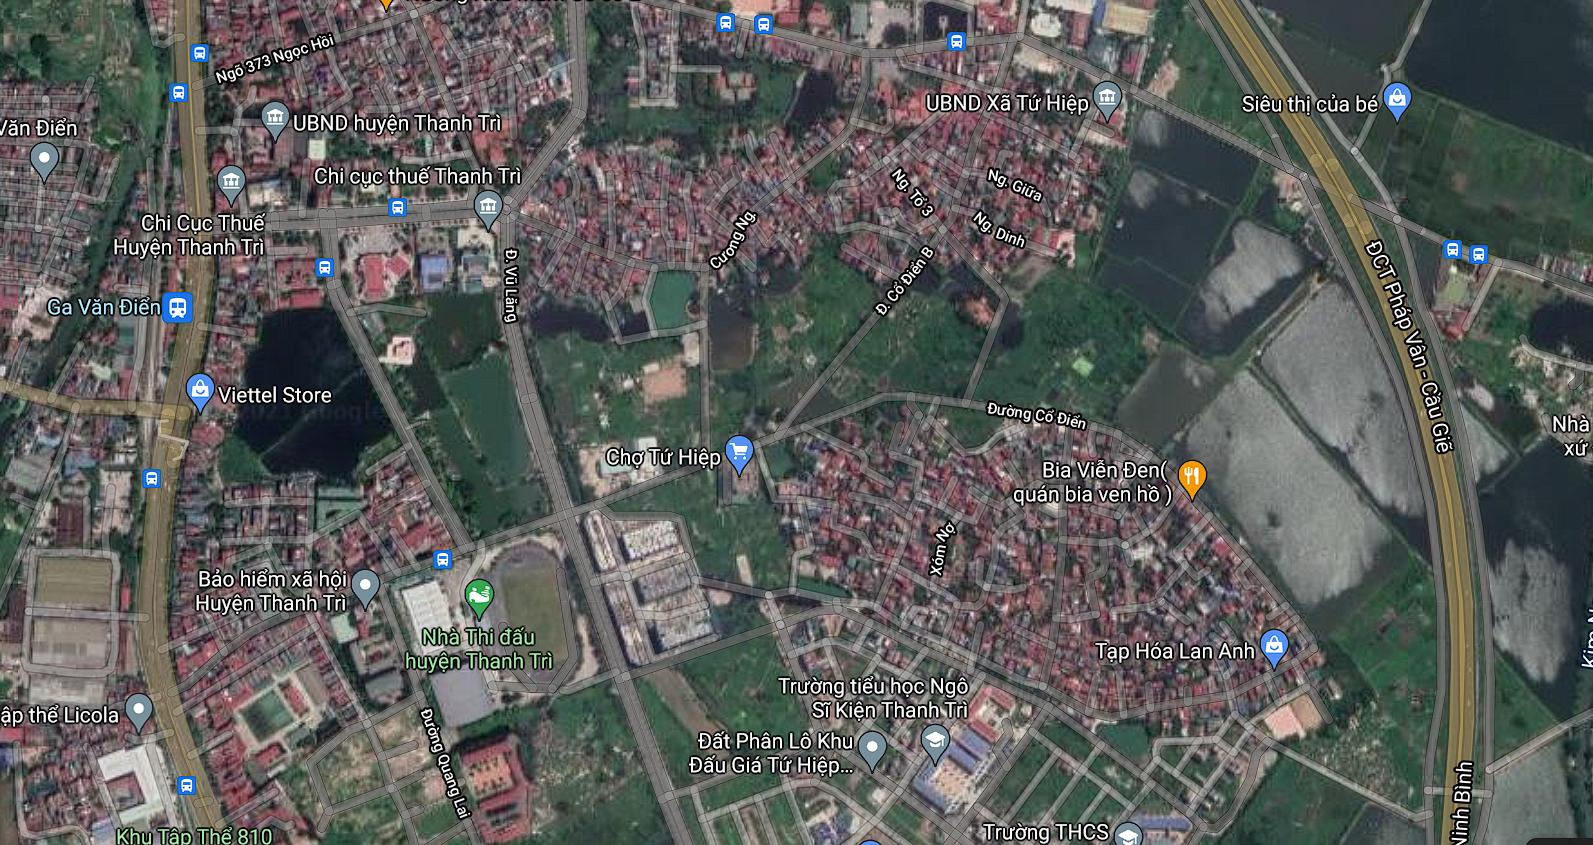 Đường sẽ mở ở xã Tứ Hiệp, Thanh Trì, Hà Nội - Ảnh 2.